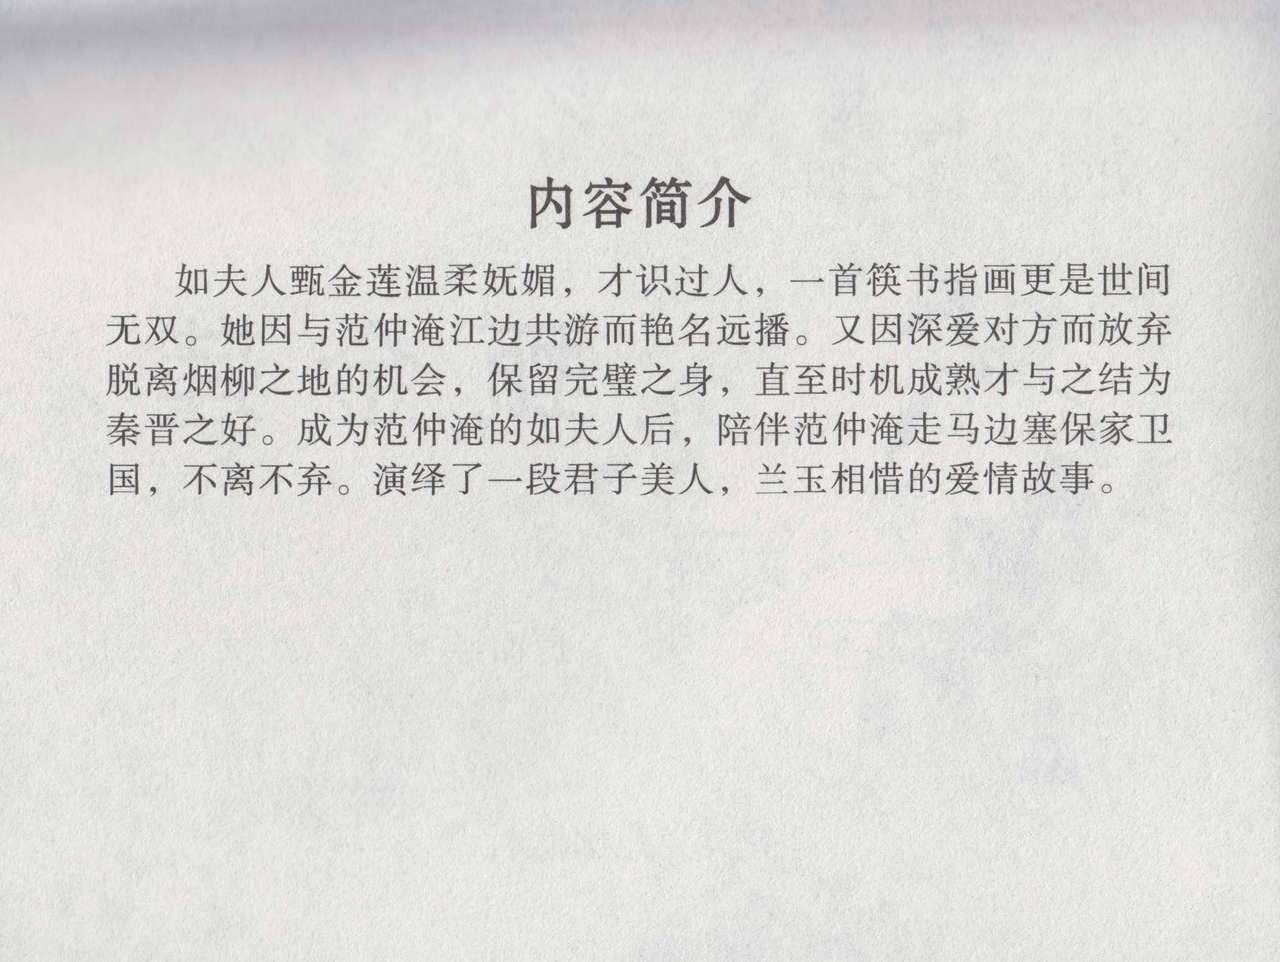 史上名妓 如夫人-甄金莲(臧武斌 2013年4月) 4